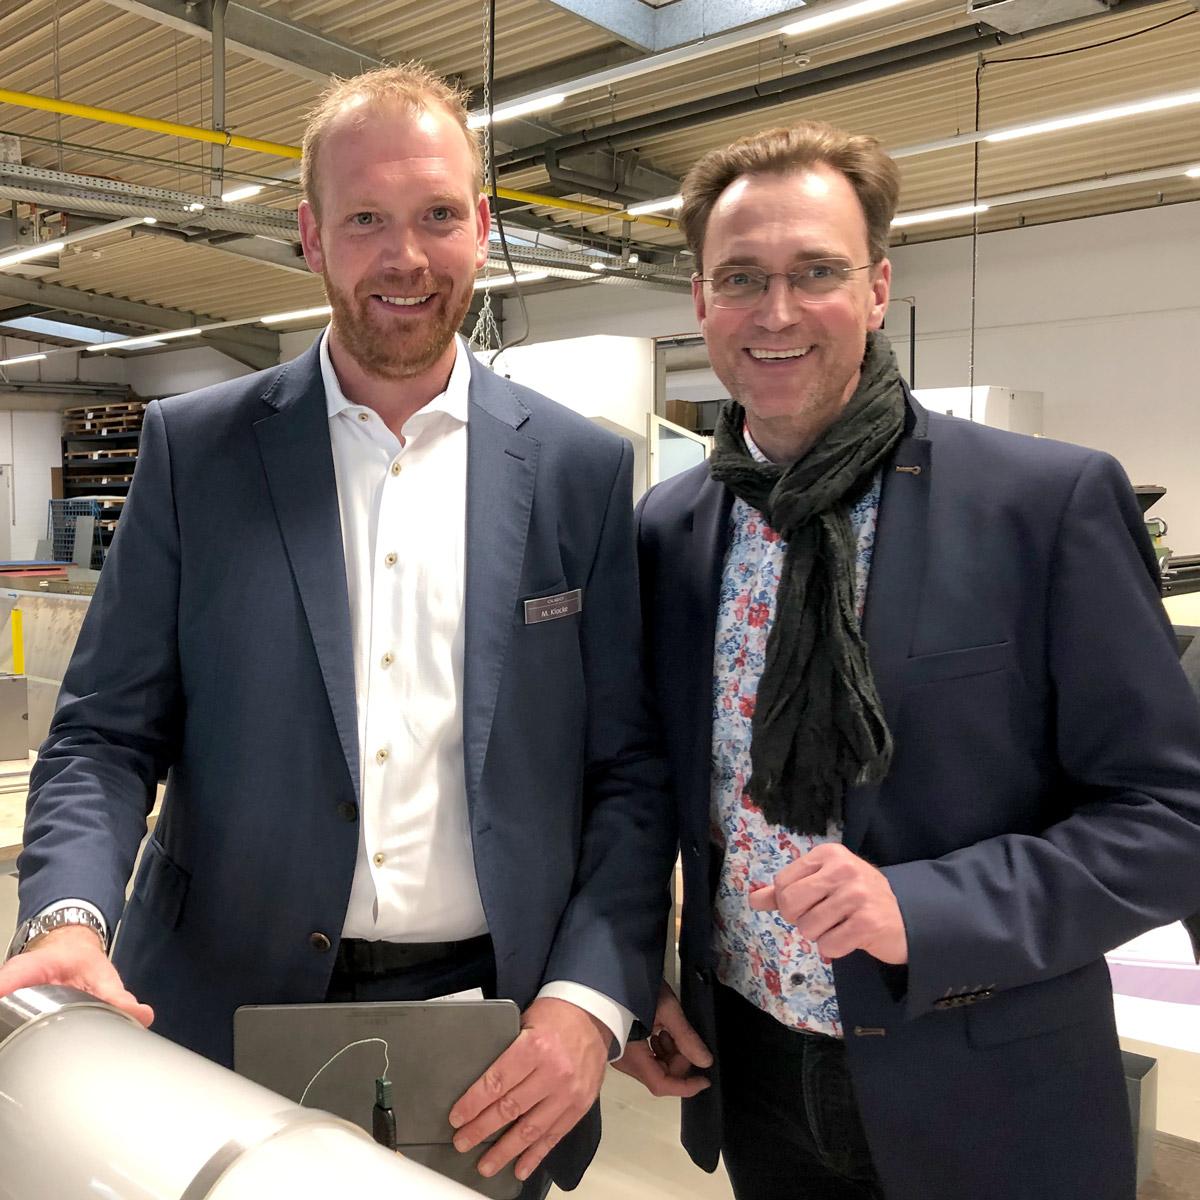 Nils Rix mit Marcel Klocke, dem Vertriebsleiter von OLIGO